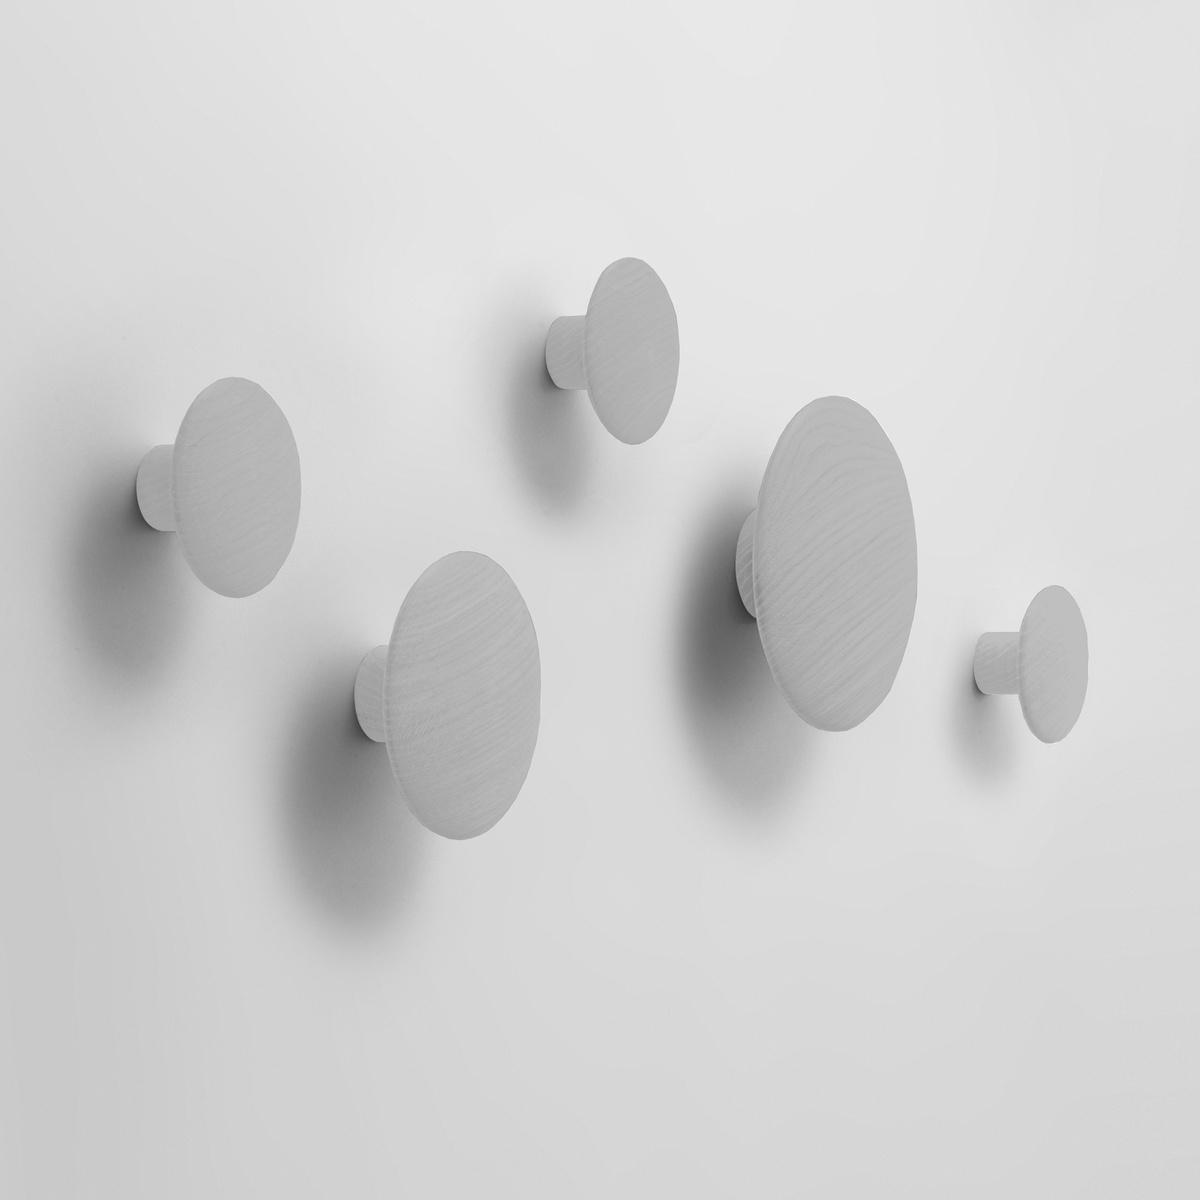 Muuto Vešiak The Dots malý 9 cm, šedý